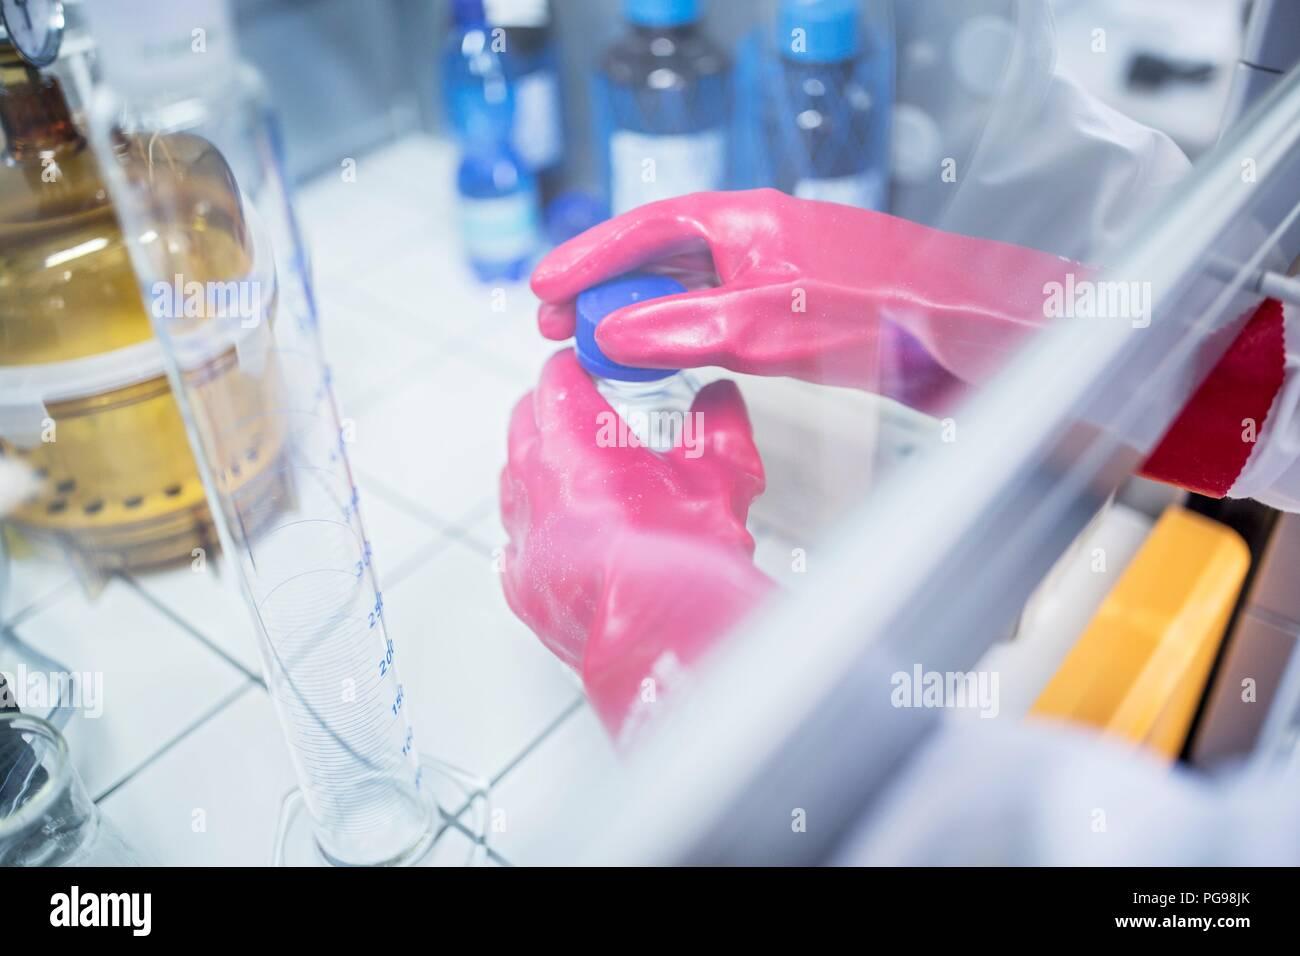 Técnico de laboratorio utilizando una campana de flujo laminar y guantes gruesos al trabajar con productos químicos peligrosos. Imagen De Stock